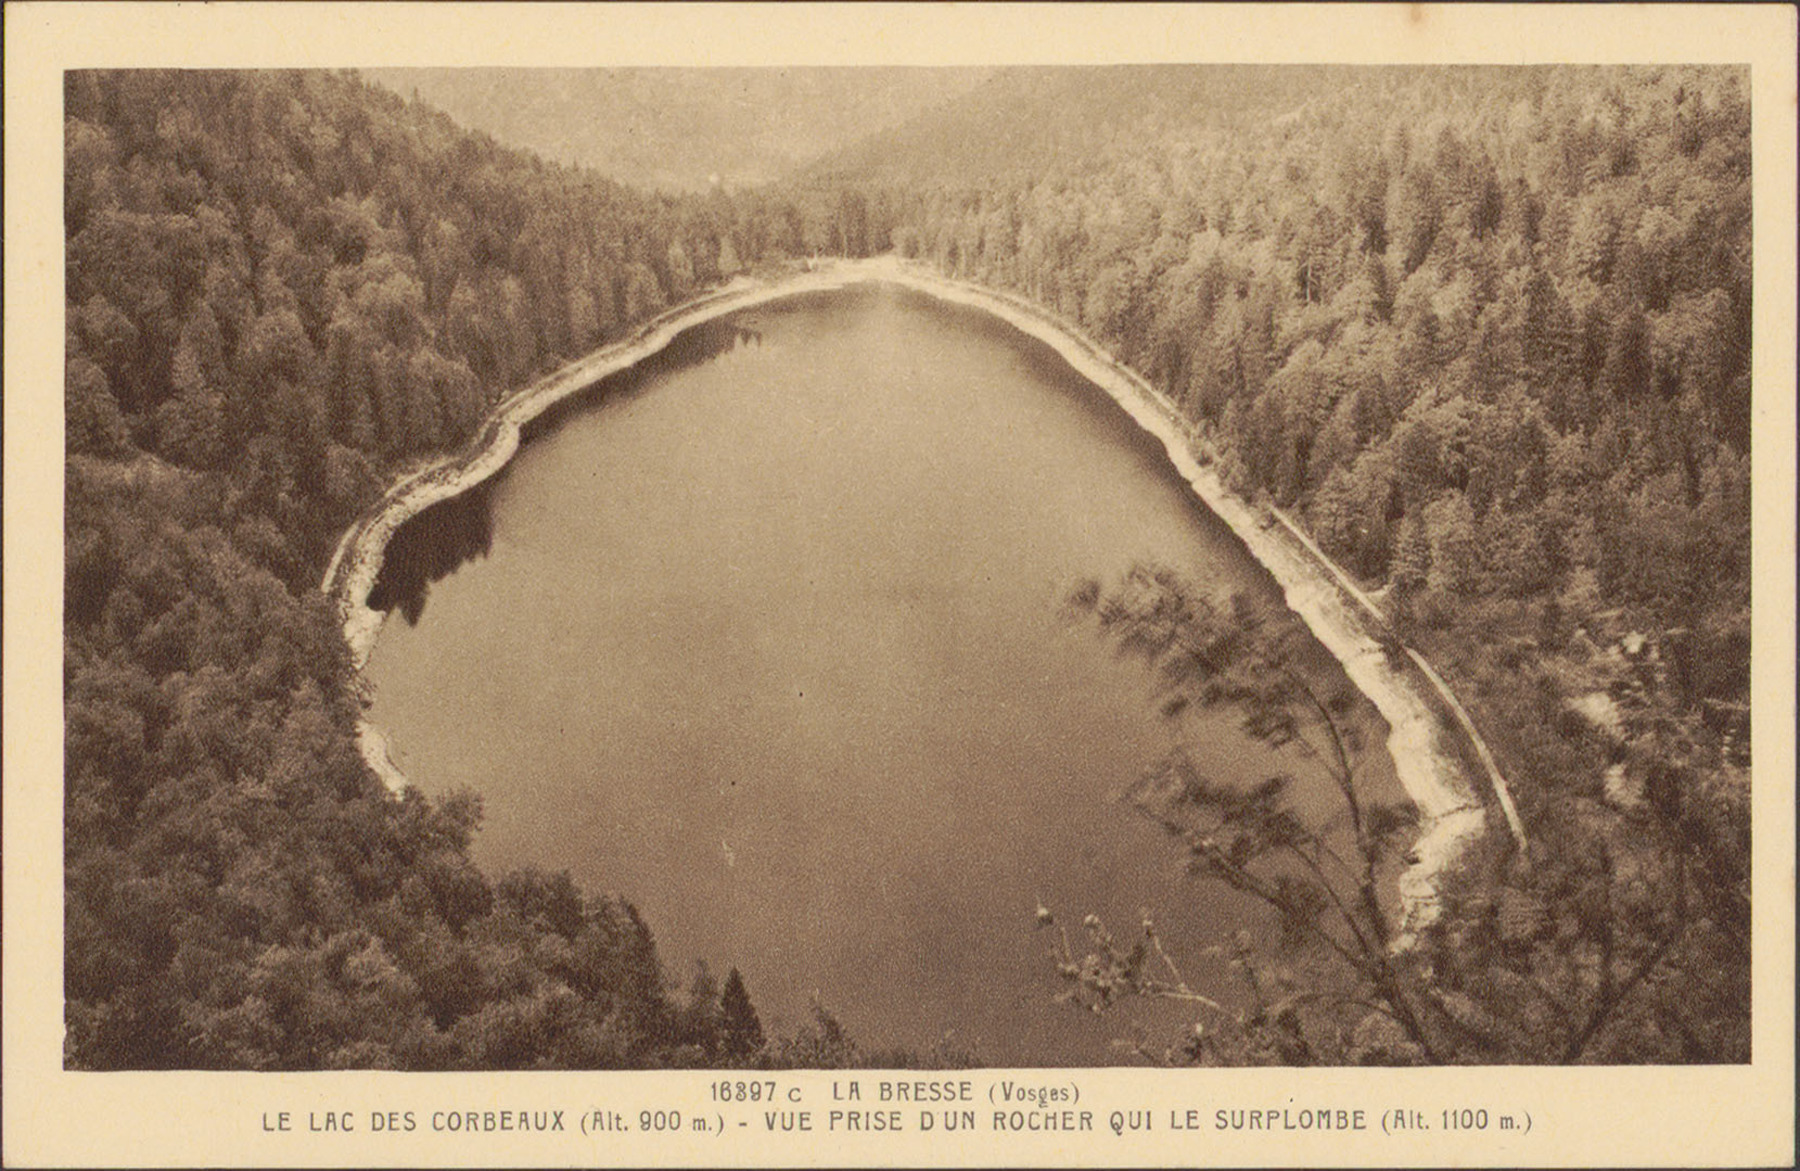 Contenu du Le Lac des Corbeaux à La Bresse (Vosges)